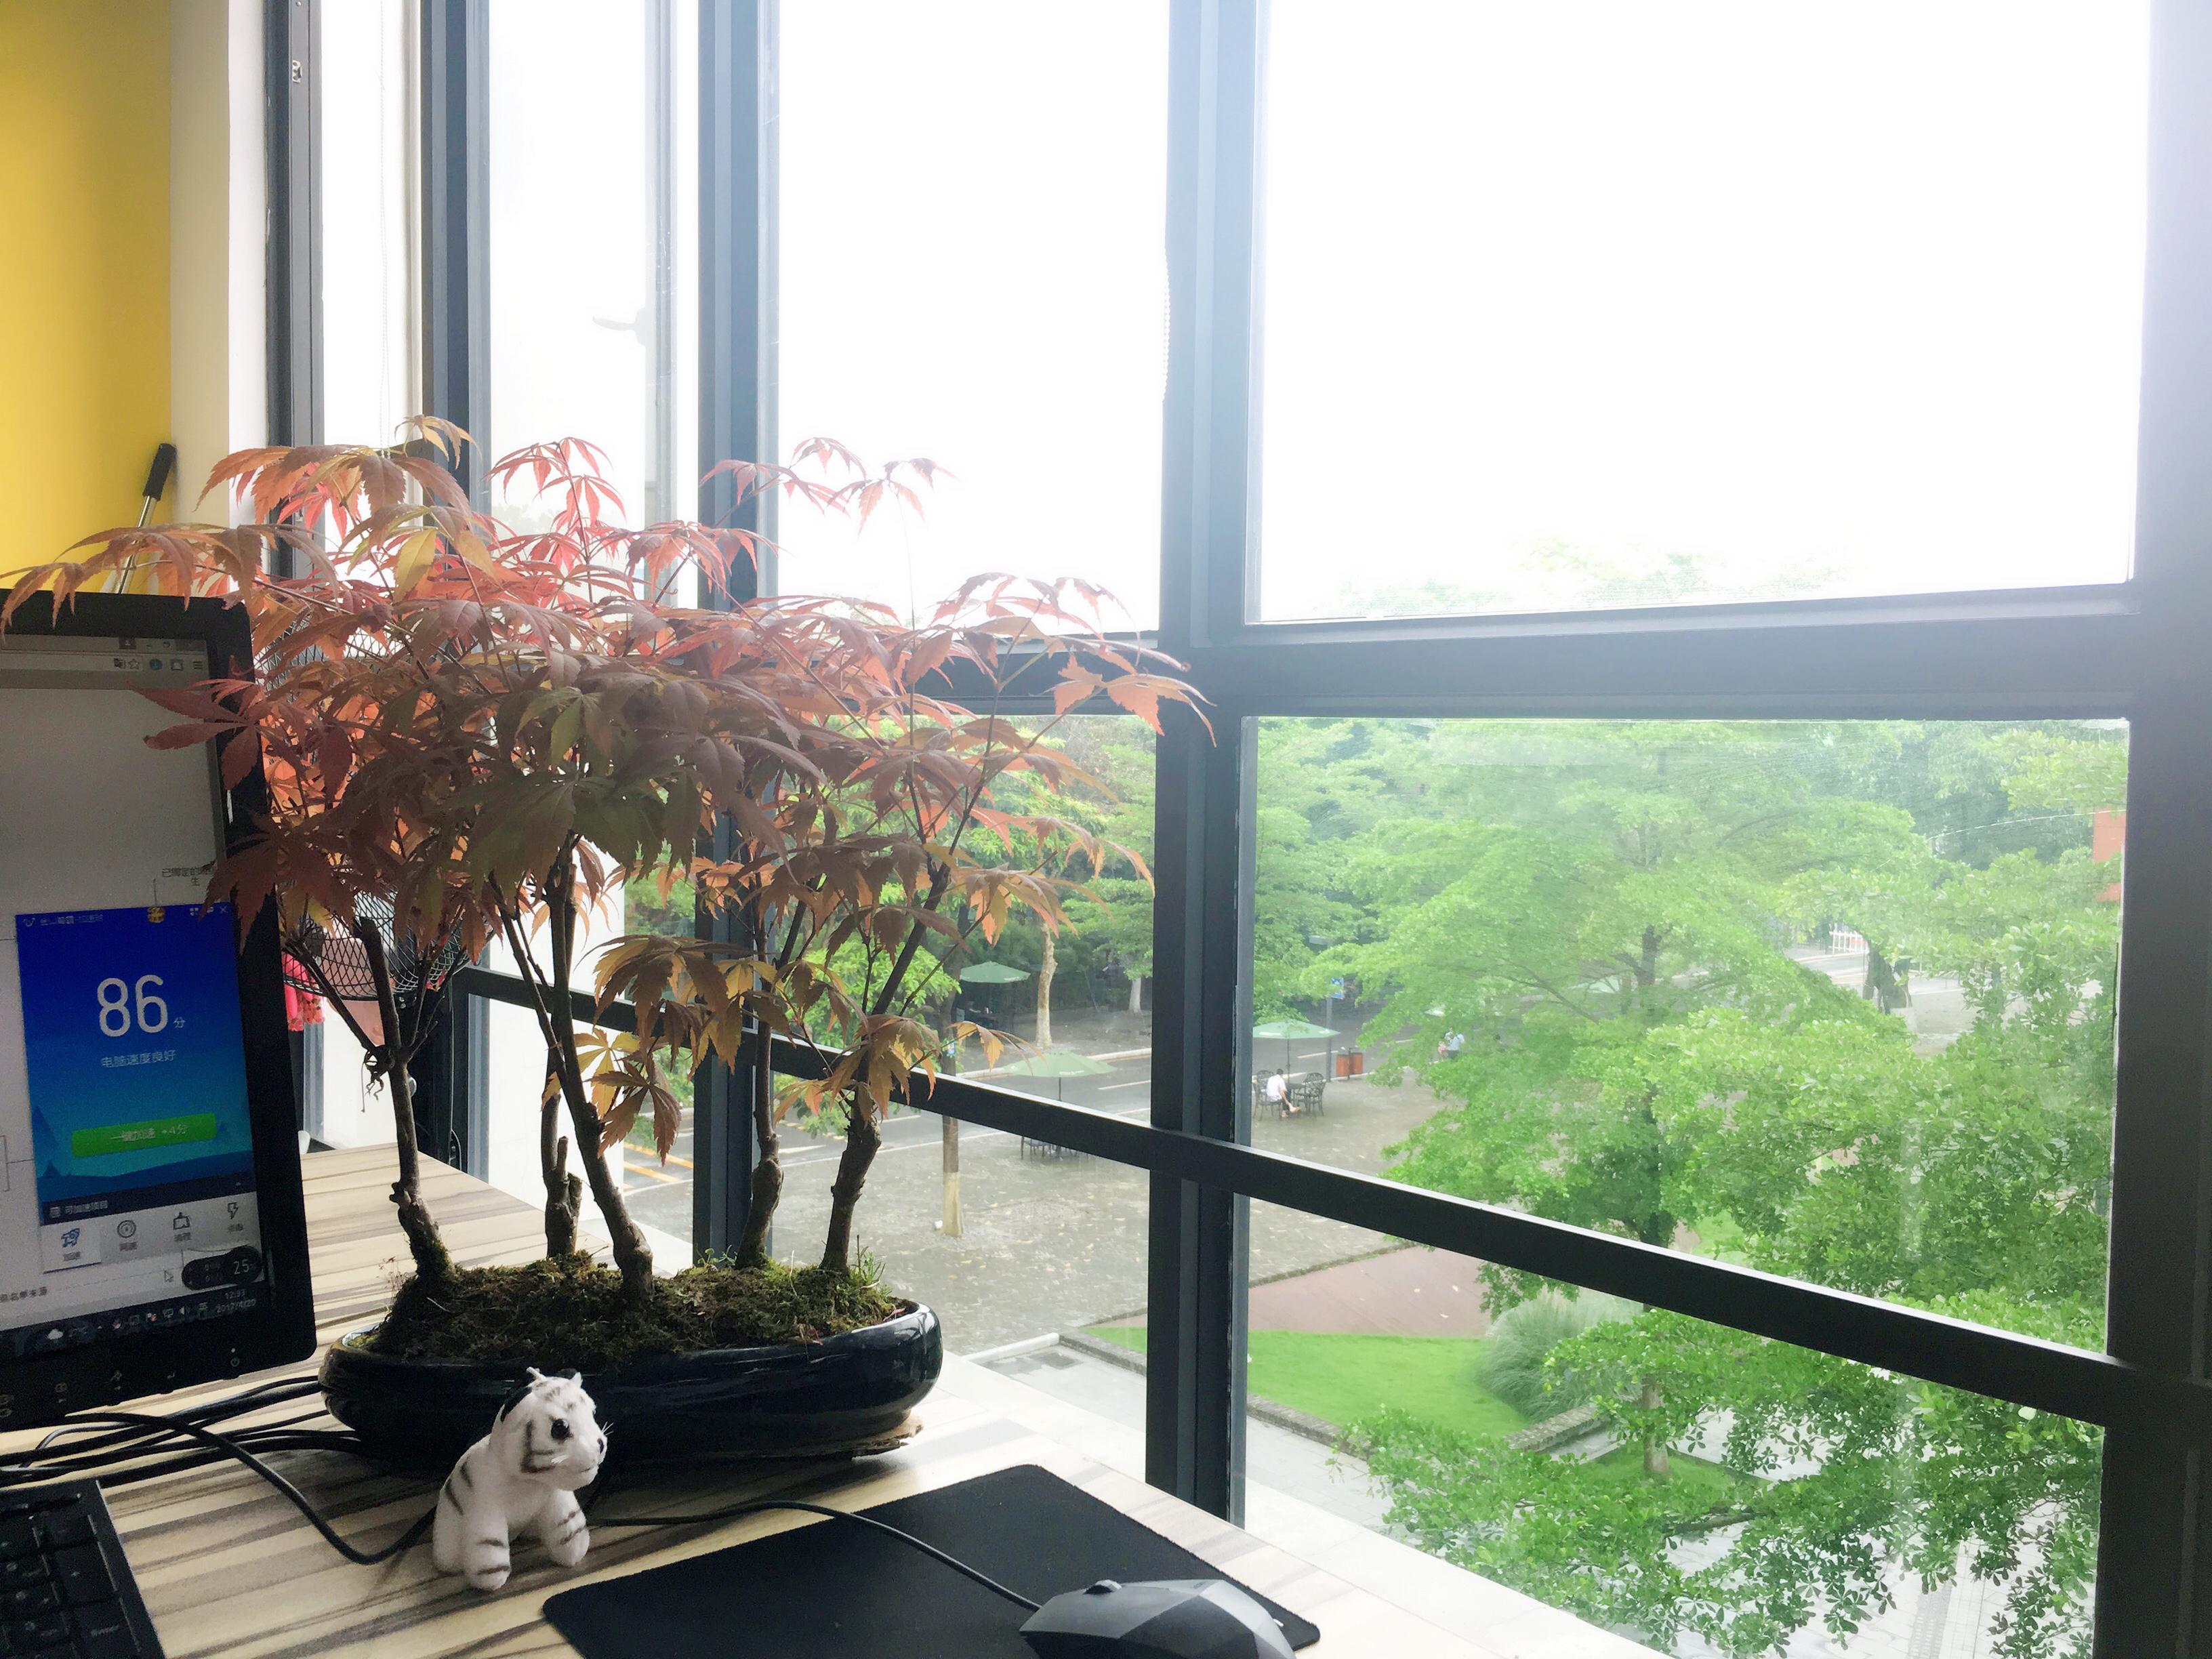 公司搬家啦,欢迎大家来访!-广州冠岳网络科技有限公司